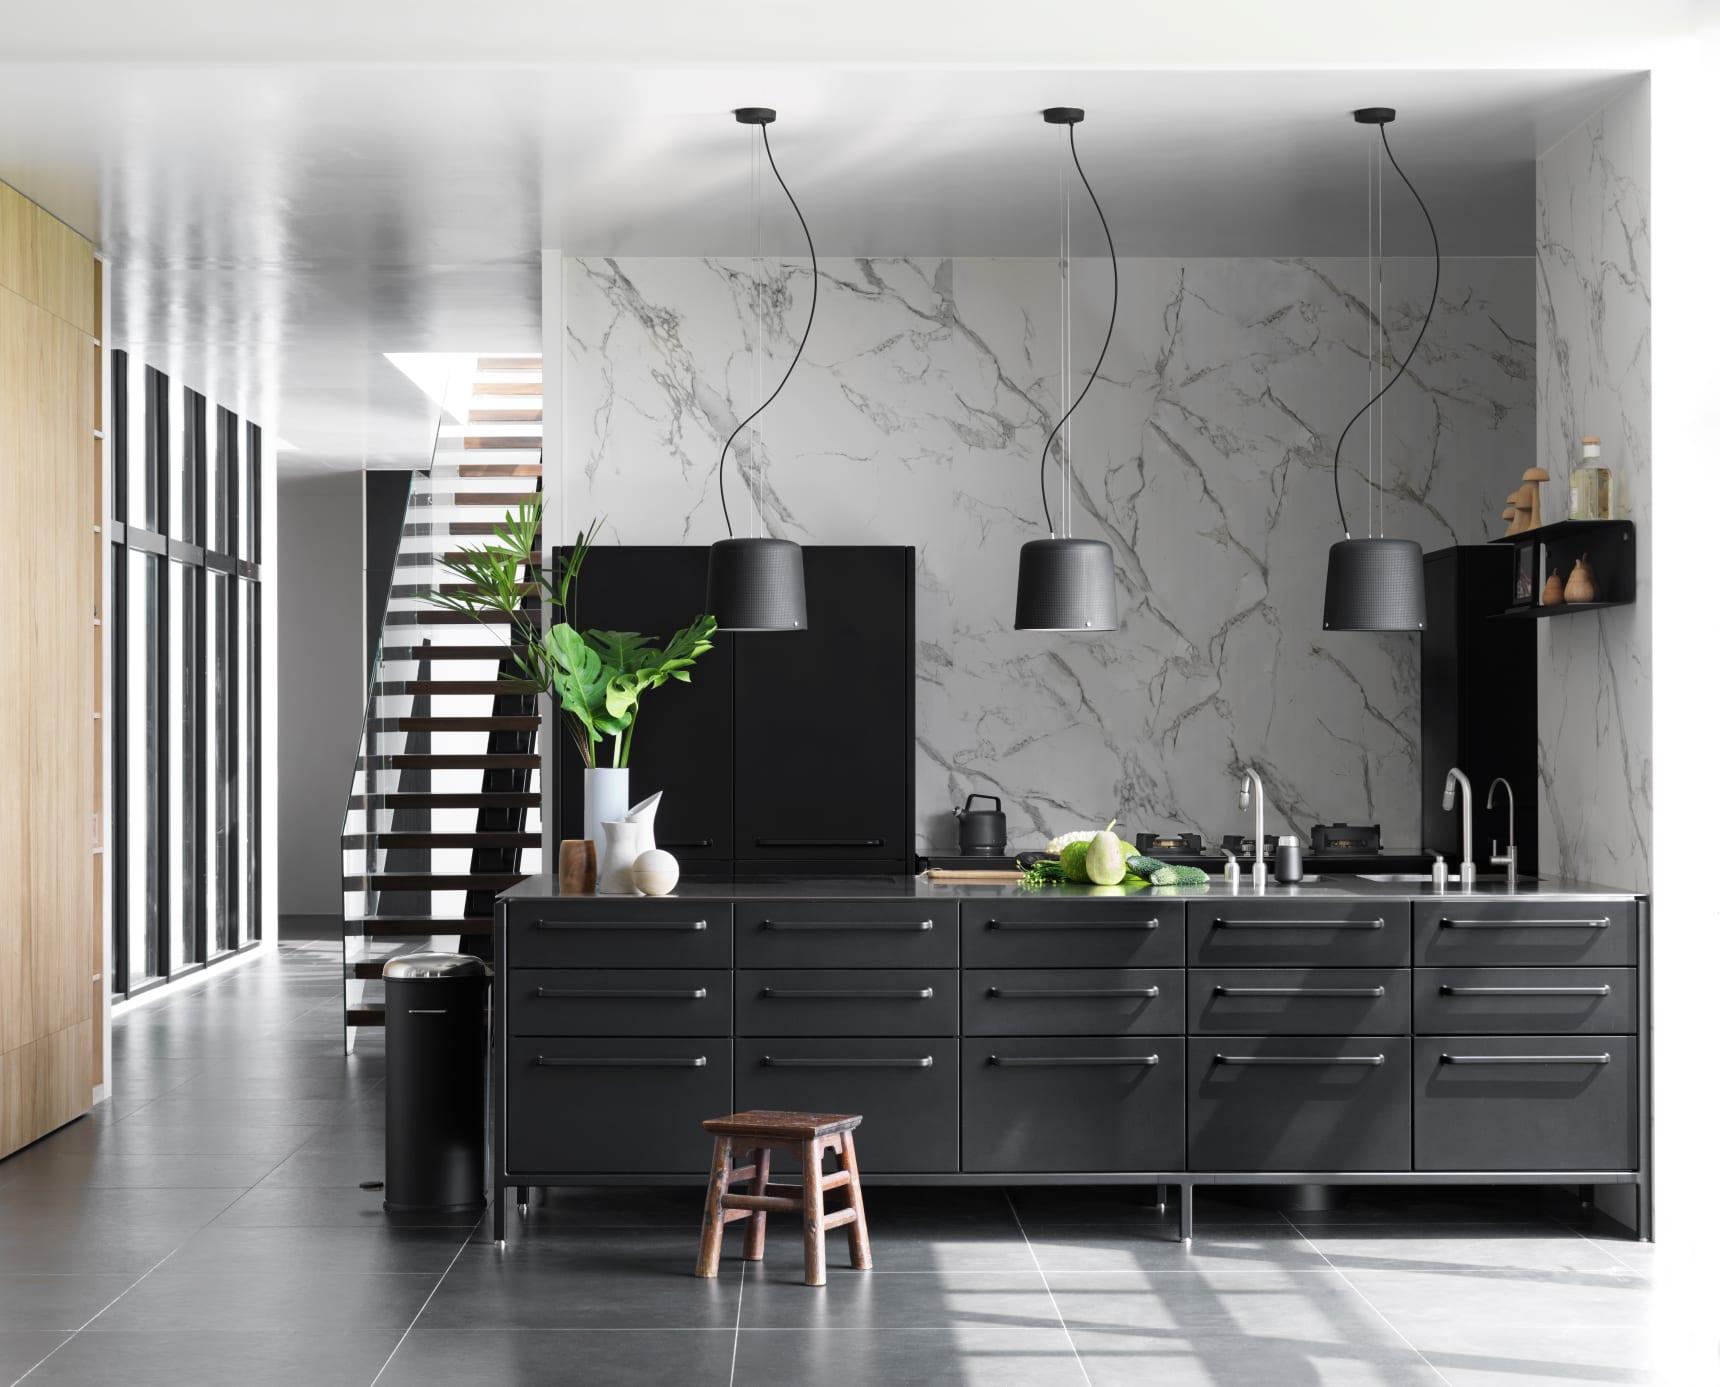 Küchen-Design Inspirationen: So könnte Deine nächste Küche aussehen 1